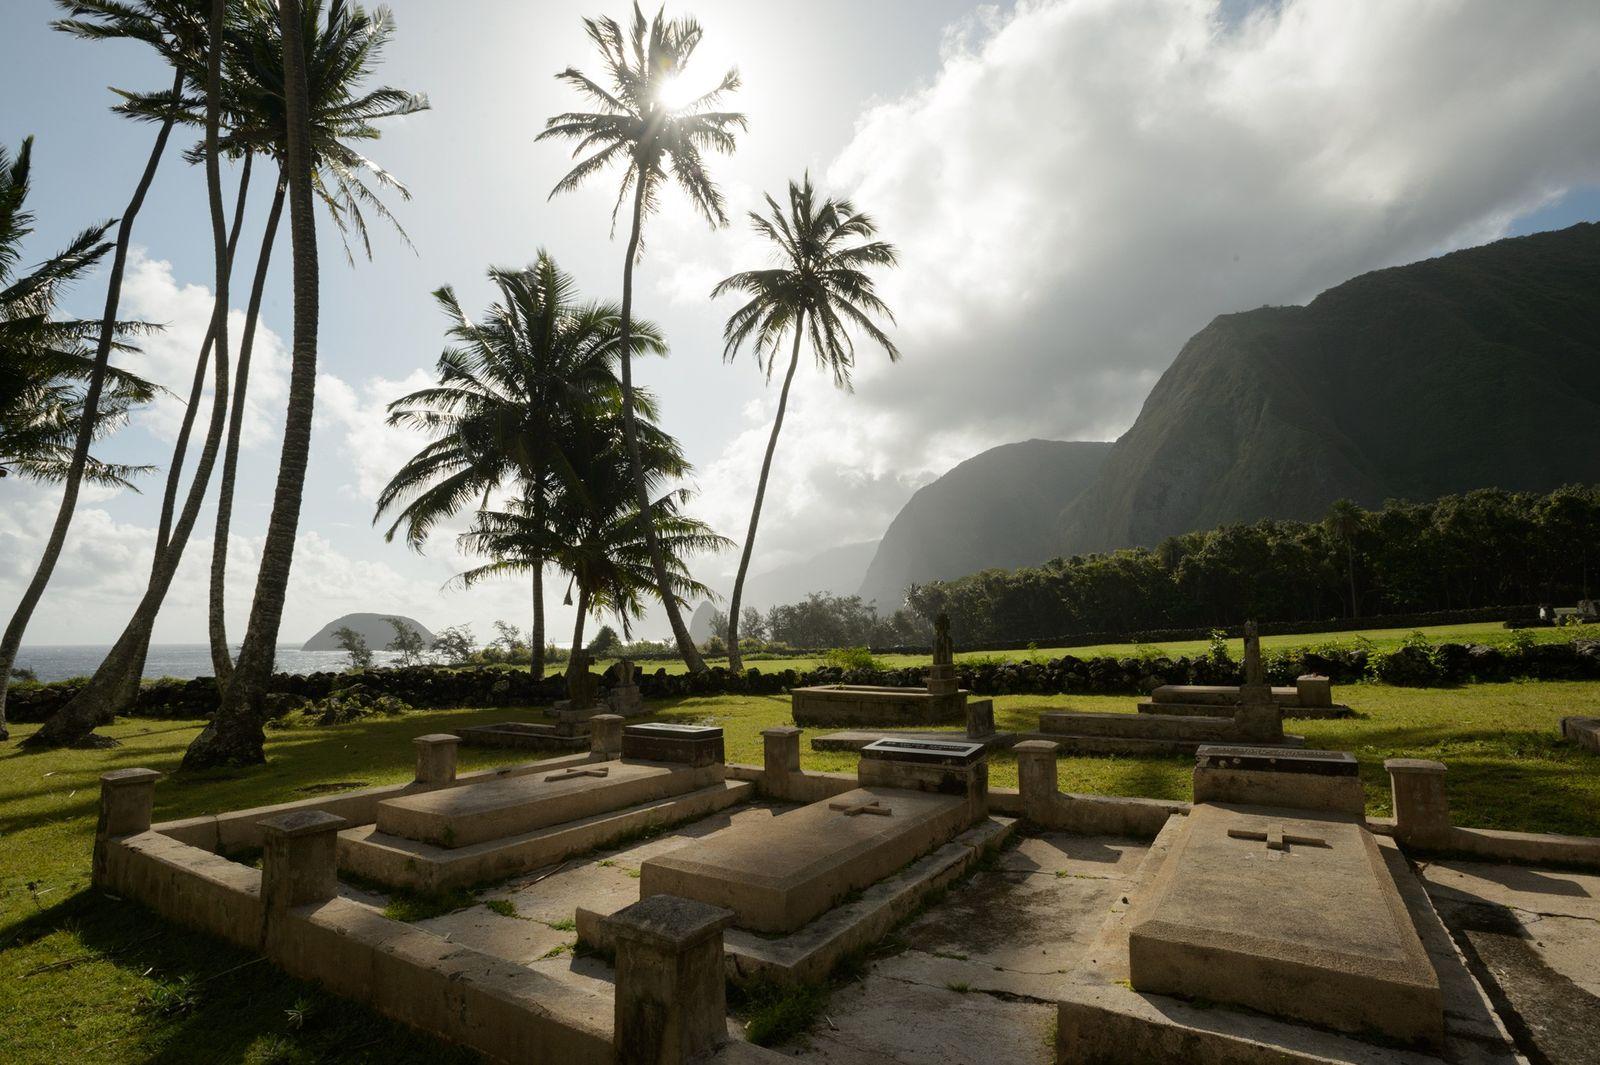 Parque paradisíaco no Havaí já foi uma zona de quarentena isolada